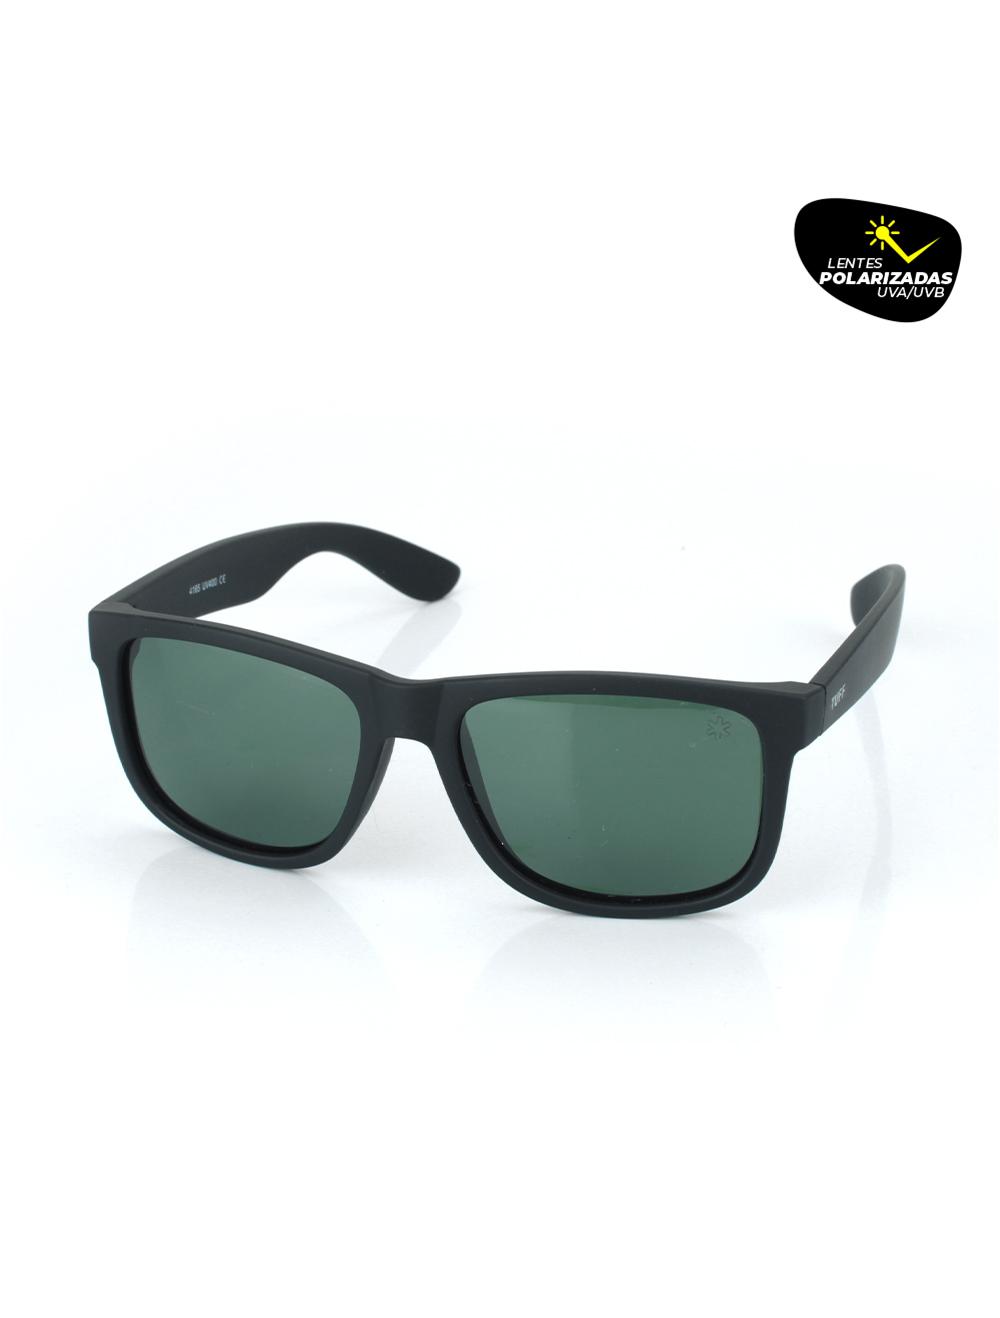 Sunglasses Retangular Verde com Lente Polarizada